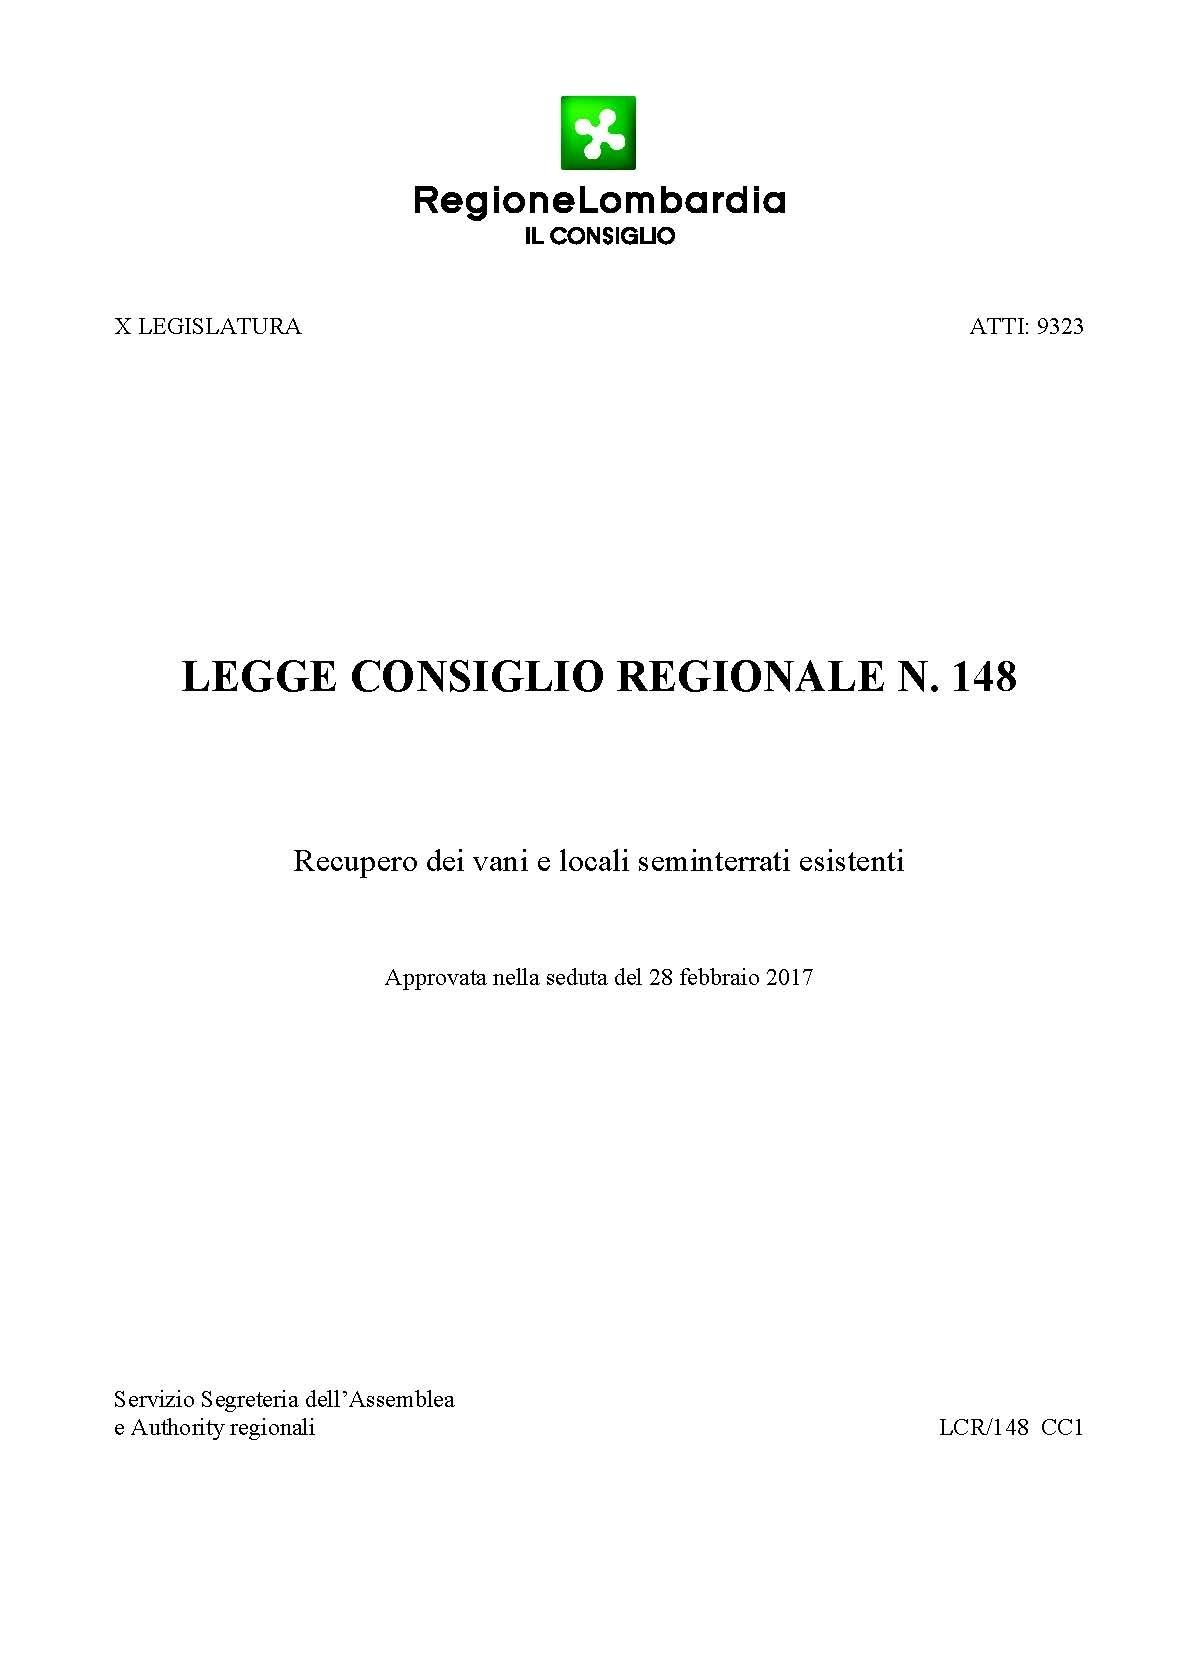 COMPRAVENDITA - Legge Regionale Lombardia sul recupero dei ...